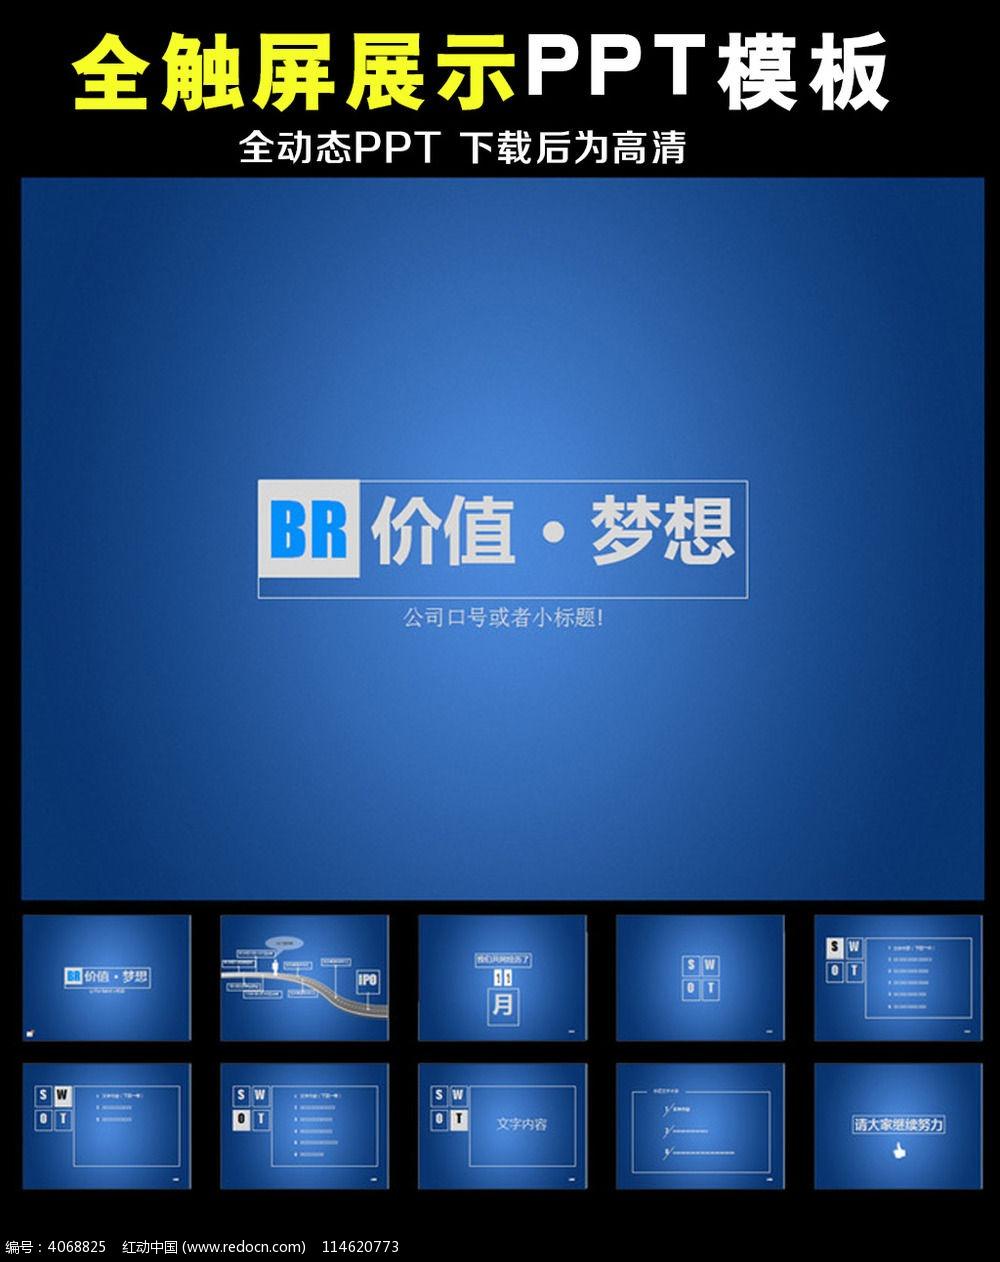 公司年终总结ppt模板_ppt模板/ppt背景图片图片素材